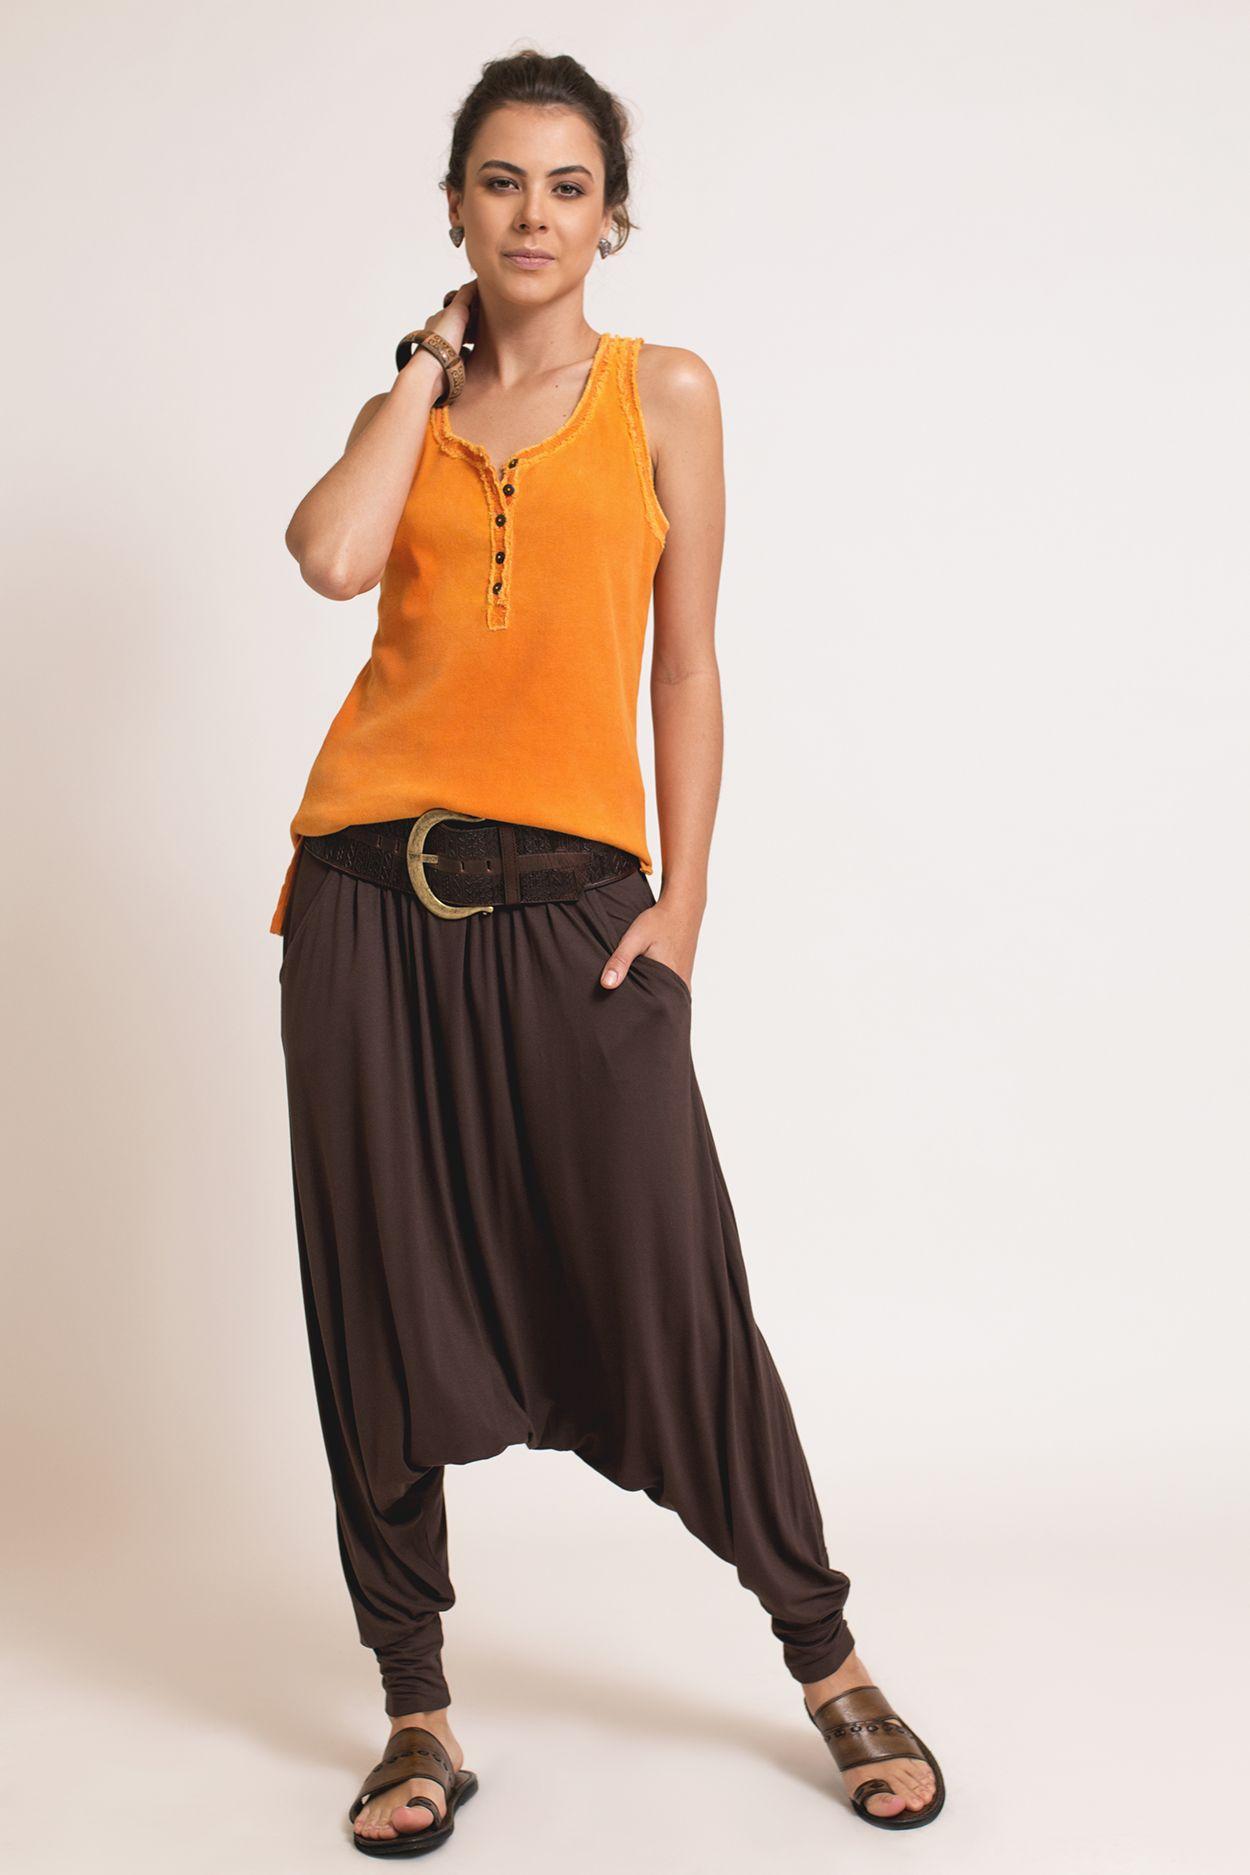 calça saruel   calça tecido   calça marrom   calça feminina   boho ... 92b6a16a57a